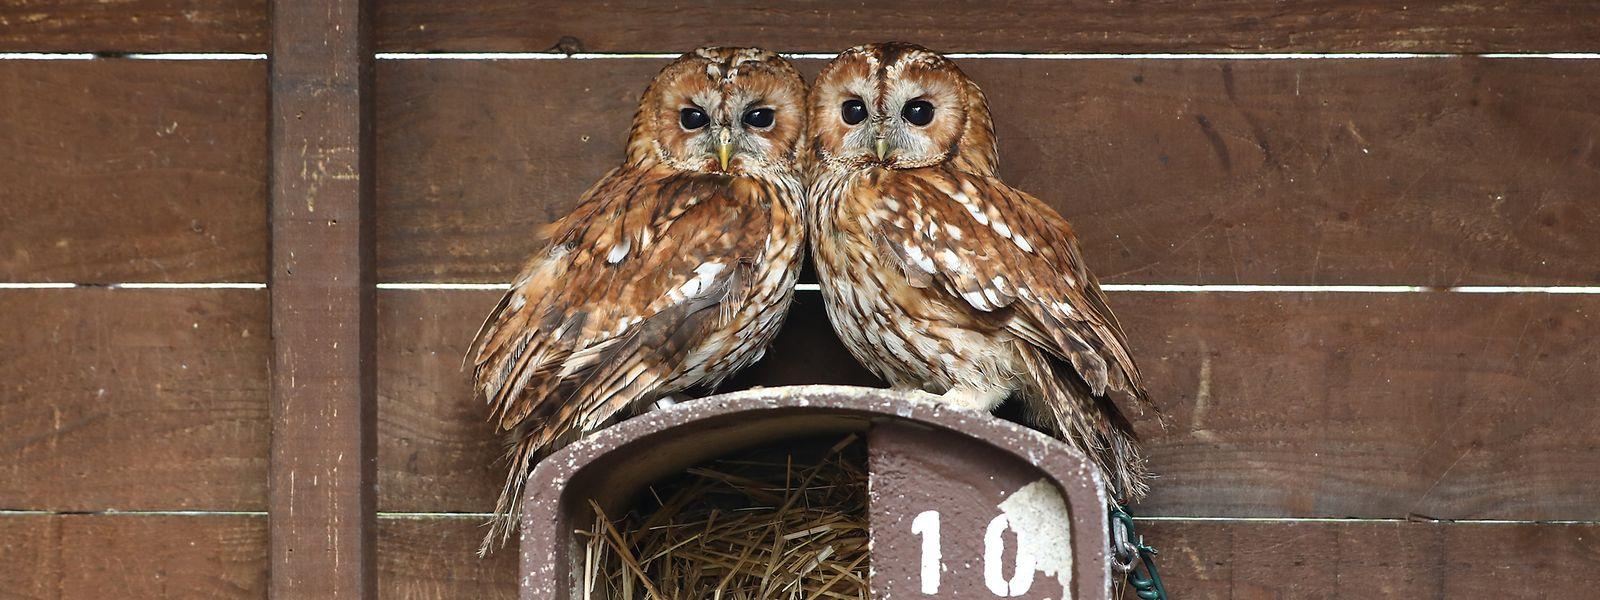 Zwei Käuze kuscheln im Freifluggehege: Die nachtaktiven Tiere werden tagsüber in Ruhe gelassen.